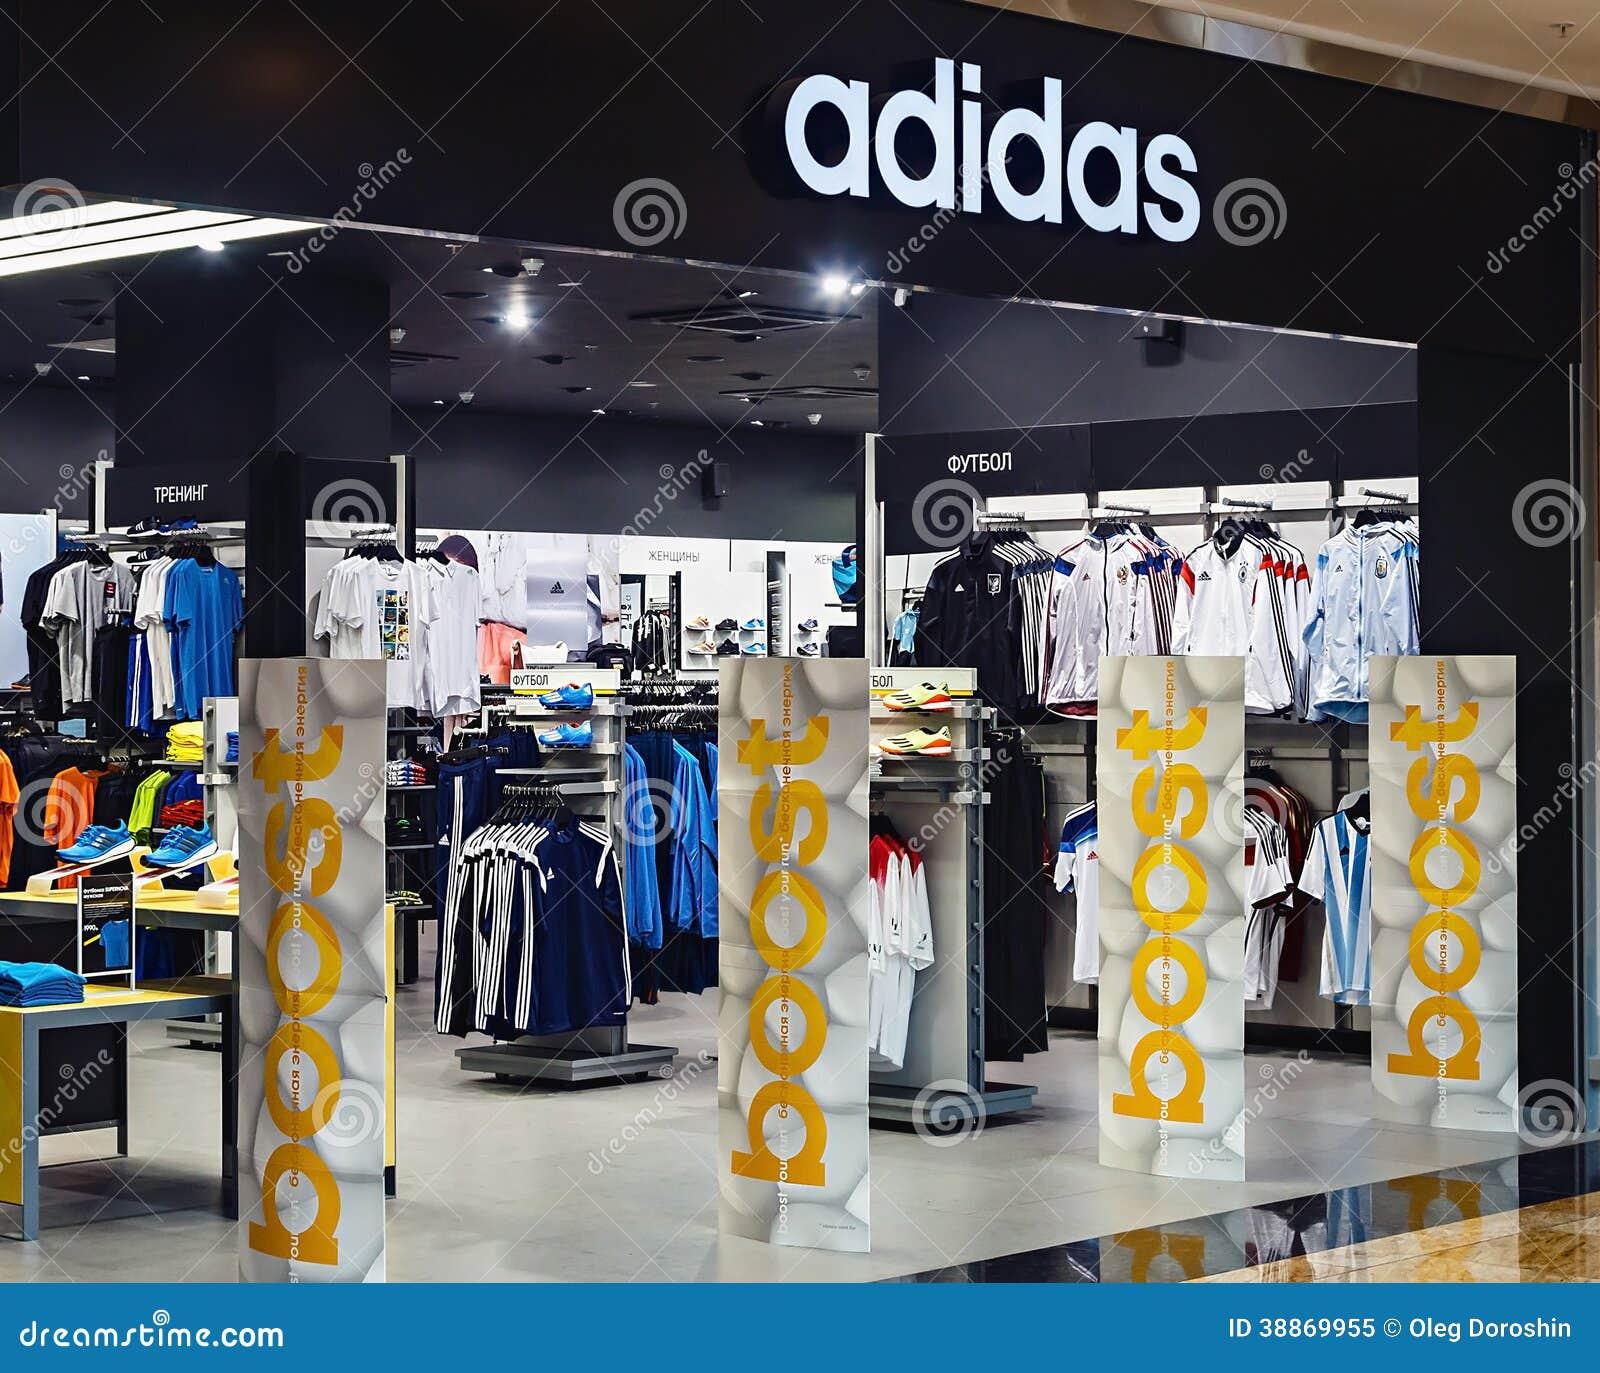 adidas tienda de ropa